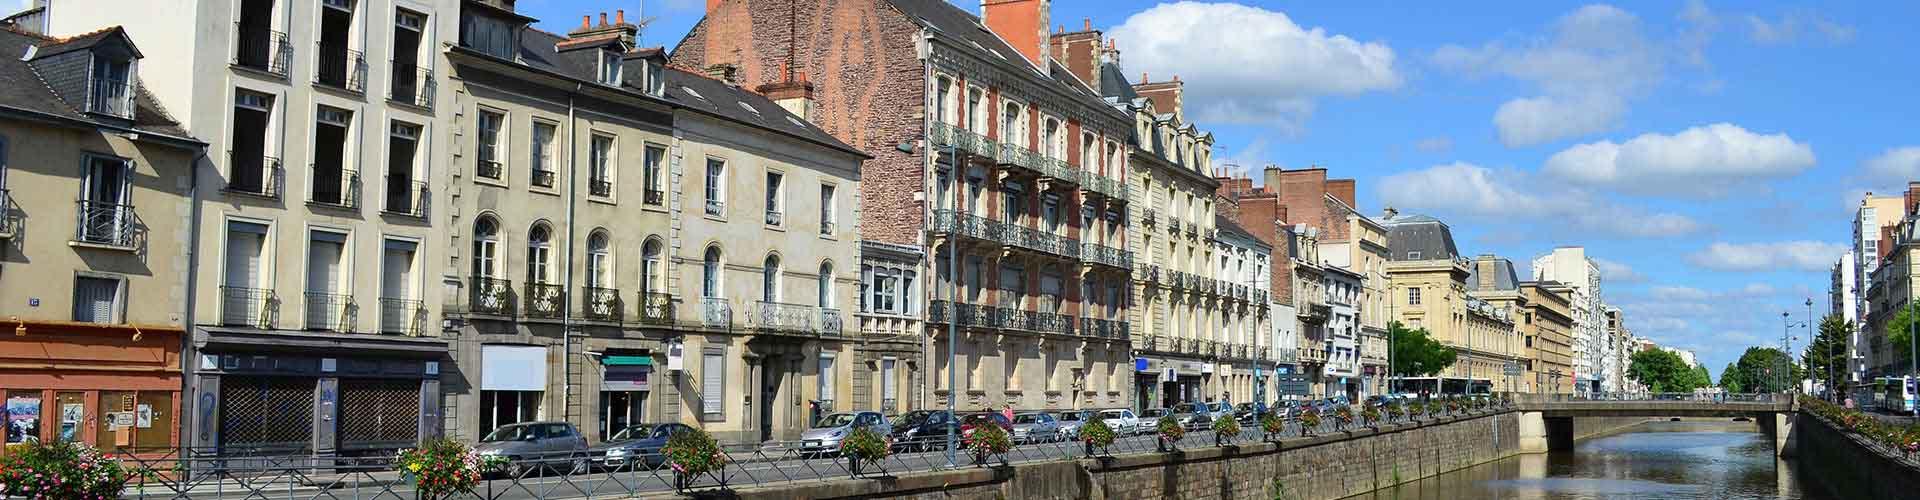 Rennes - Apartamentos en Rennes. Mapas de Rennes, Fotos y comentarios de cada Apartamento en Rennes.